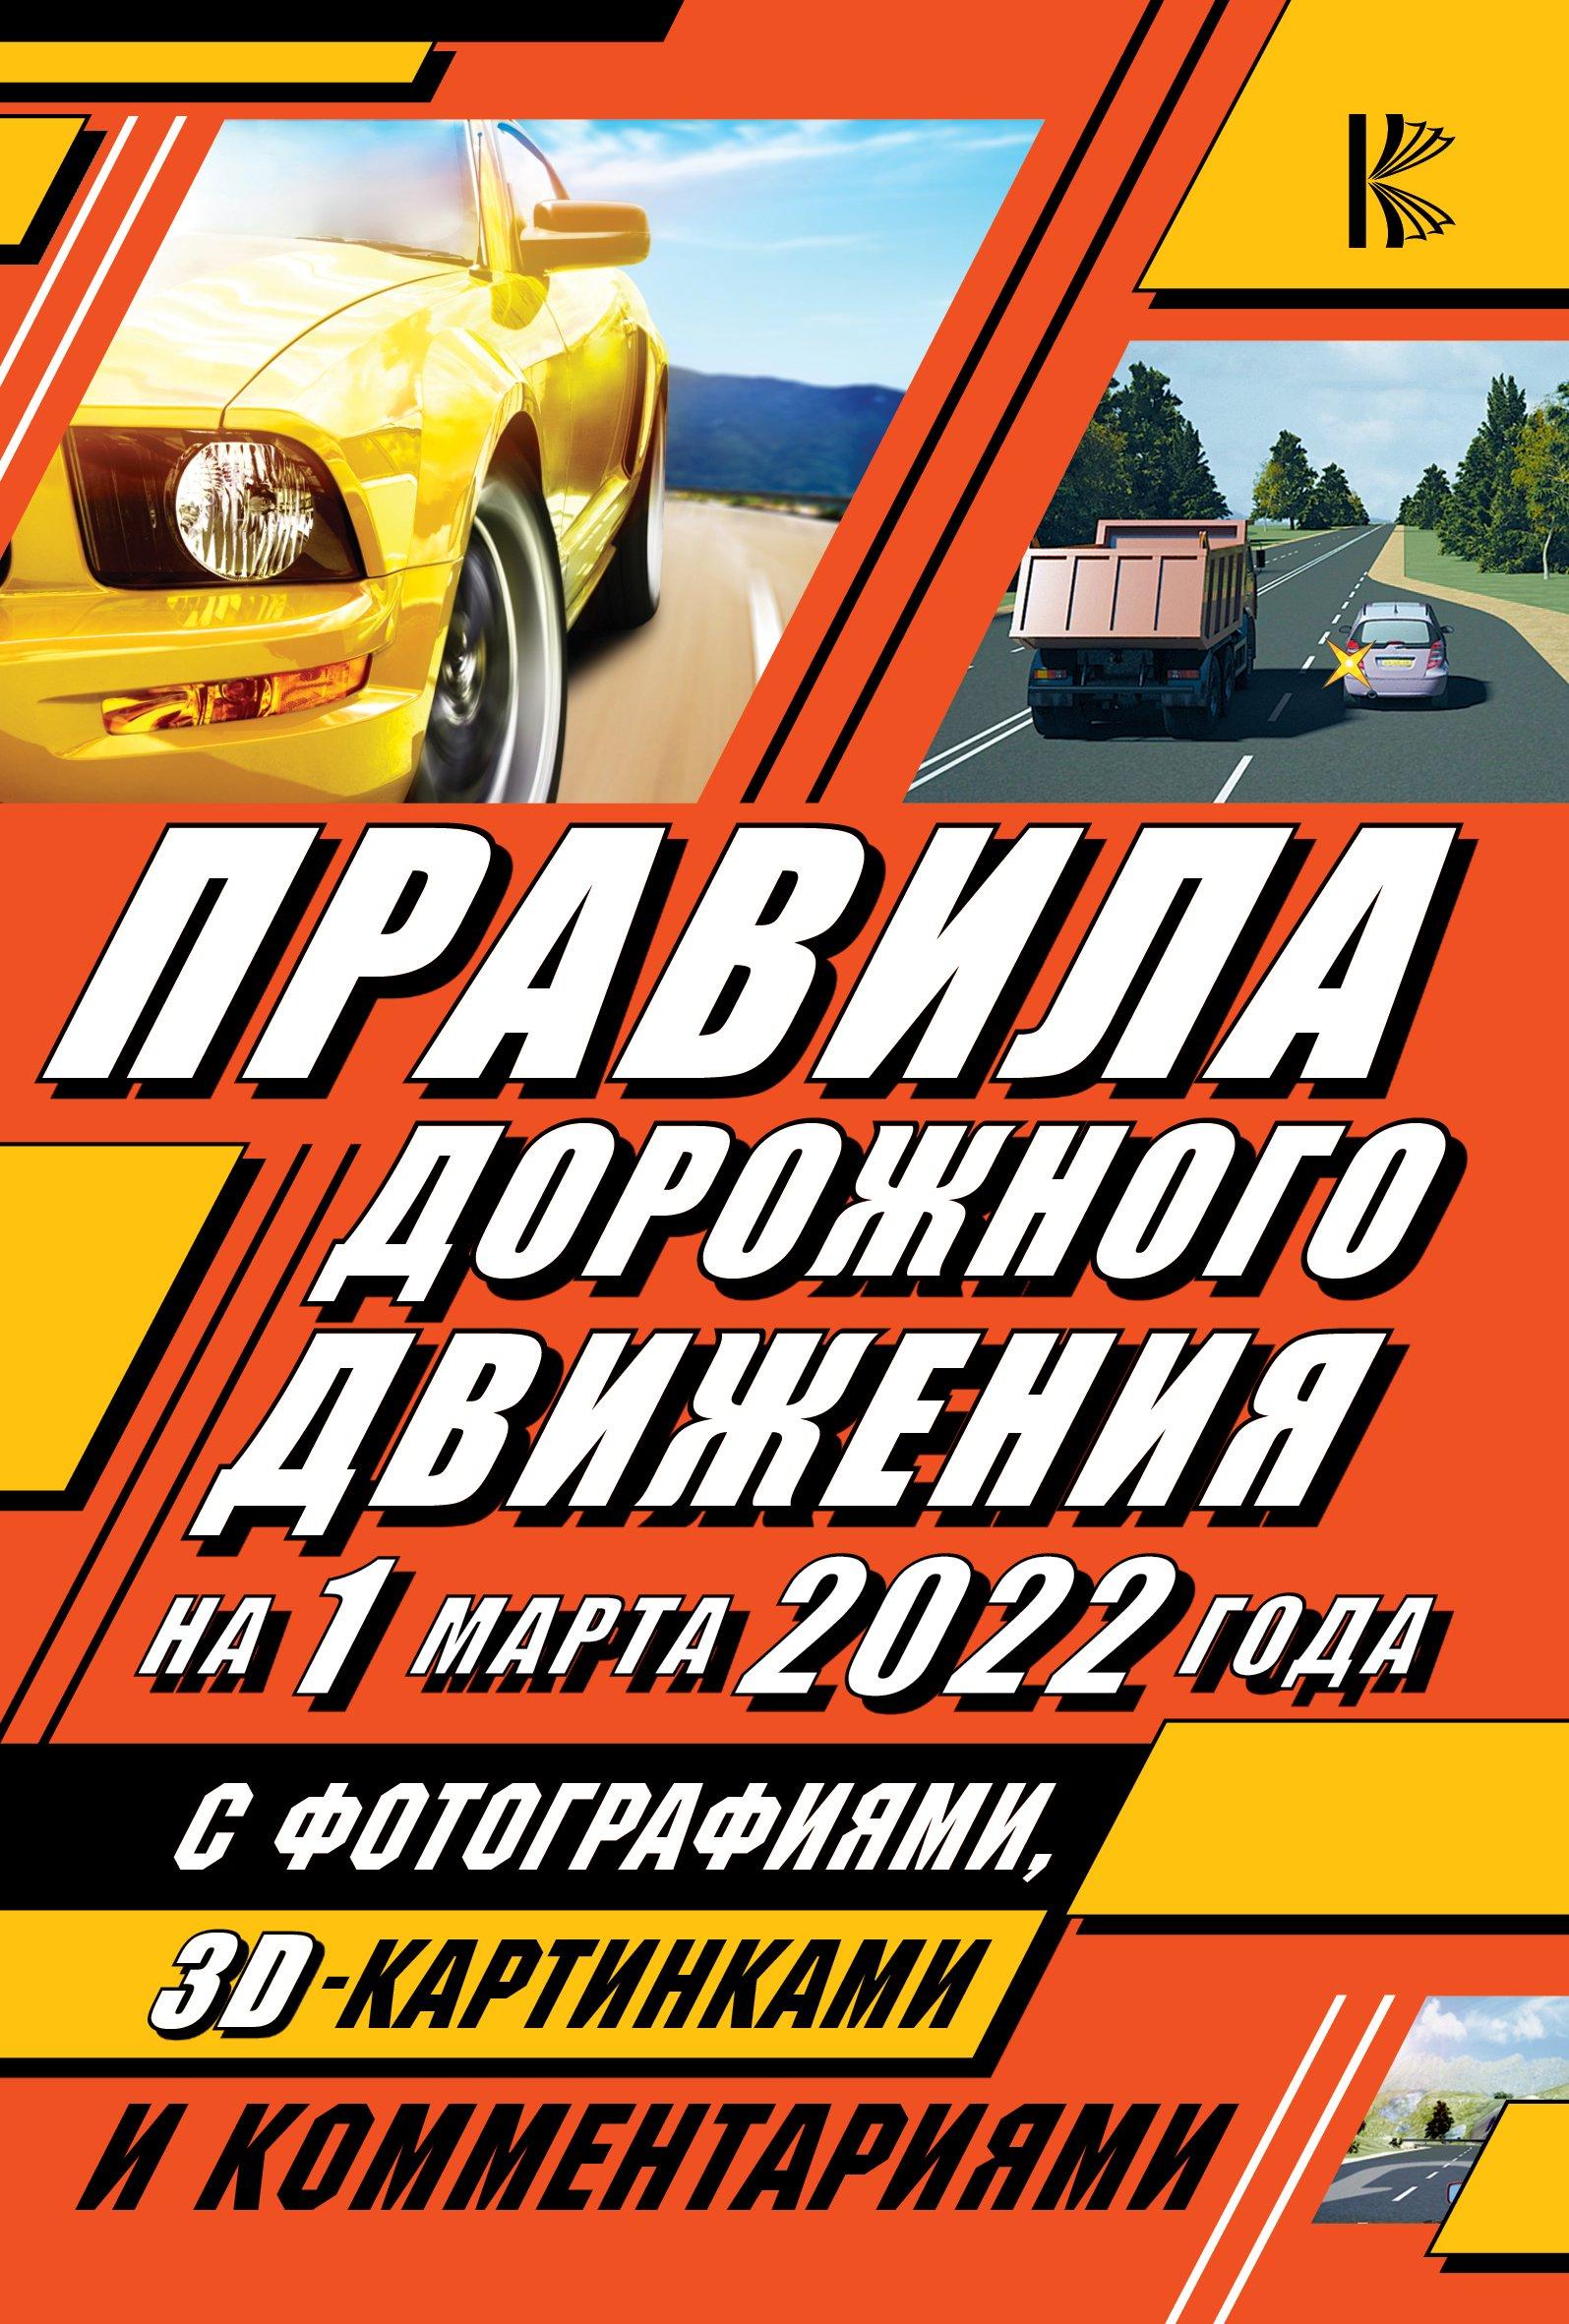 Купить книгу Правила дорожного движения 2021 с фотографиями в 3D, картинками и комментариями, автора